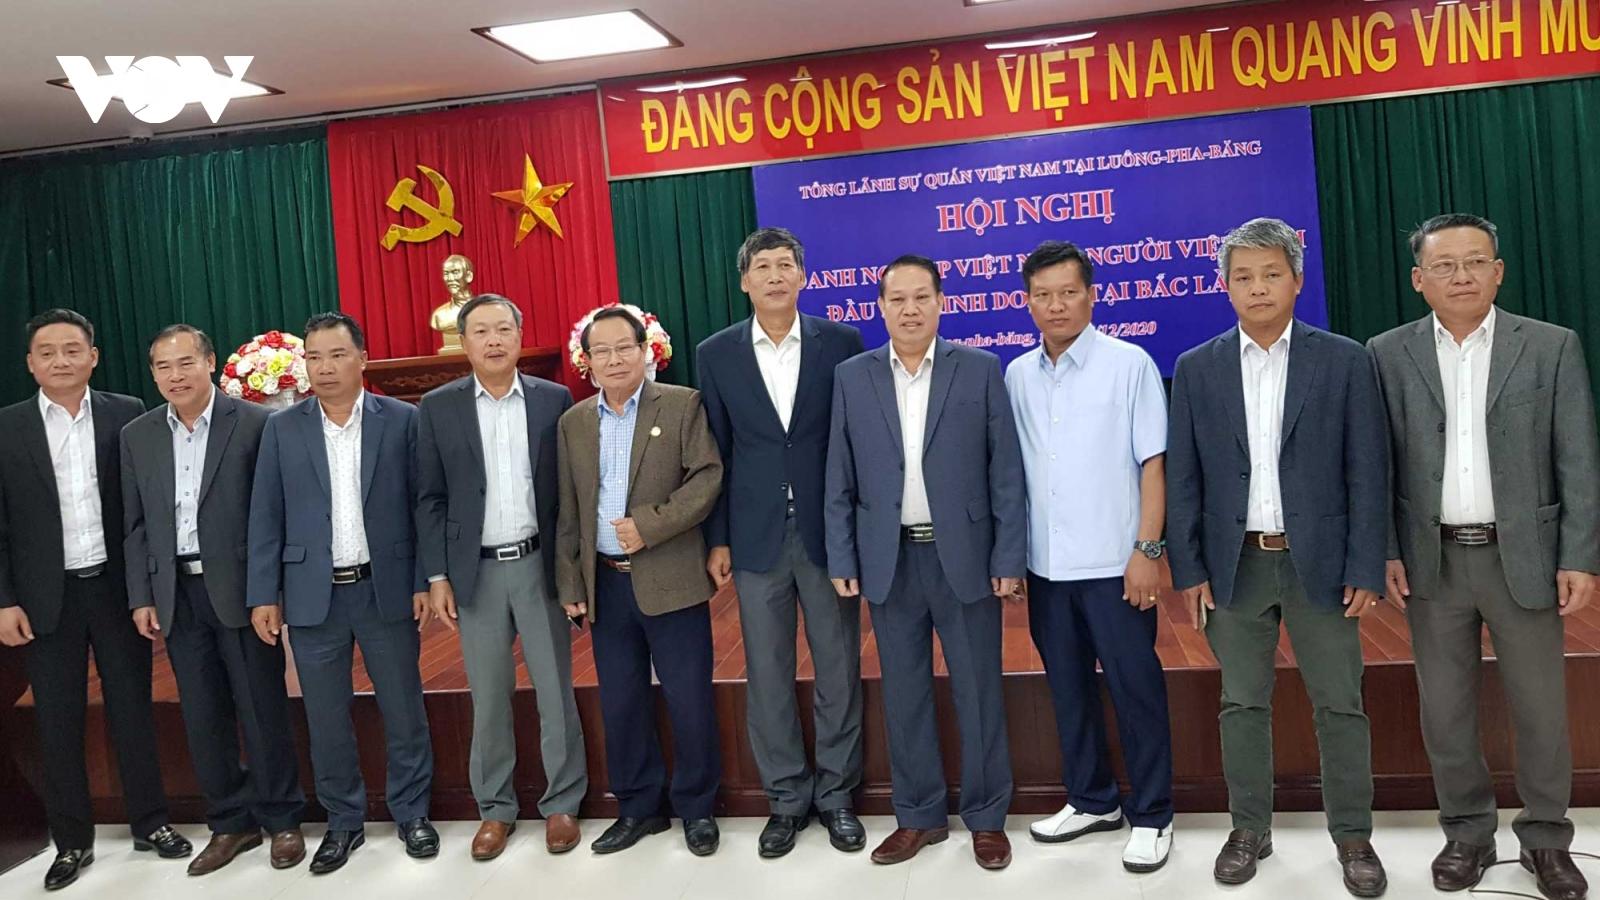 Tháo gỡ khó khăn cho doanh nghiệp Việt đầu tư tại Bắc Lào